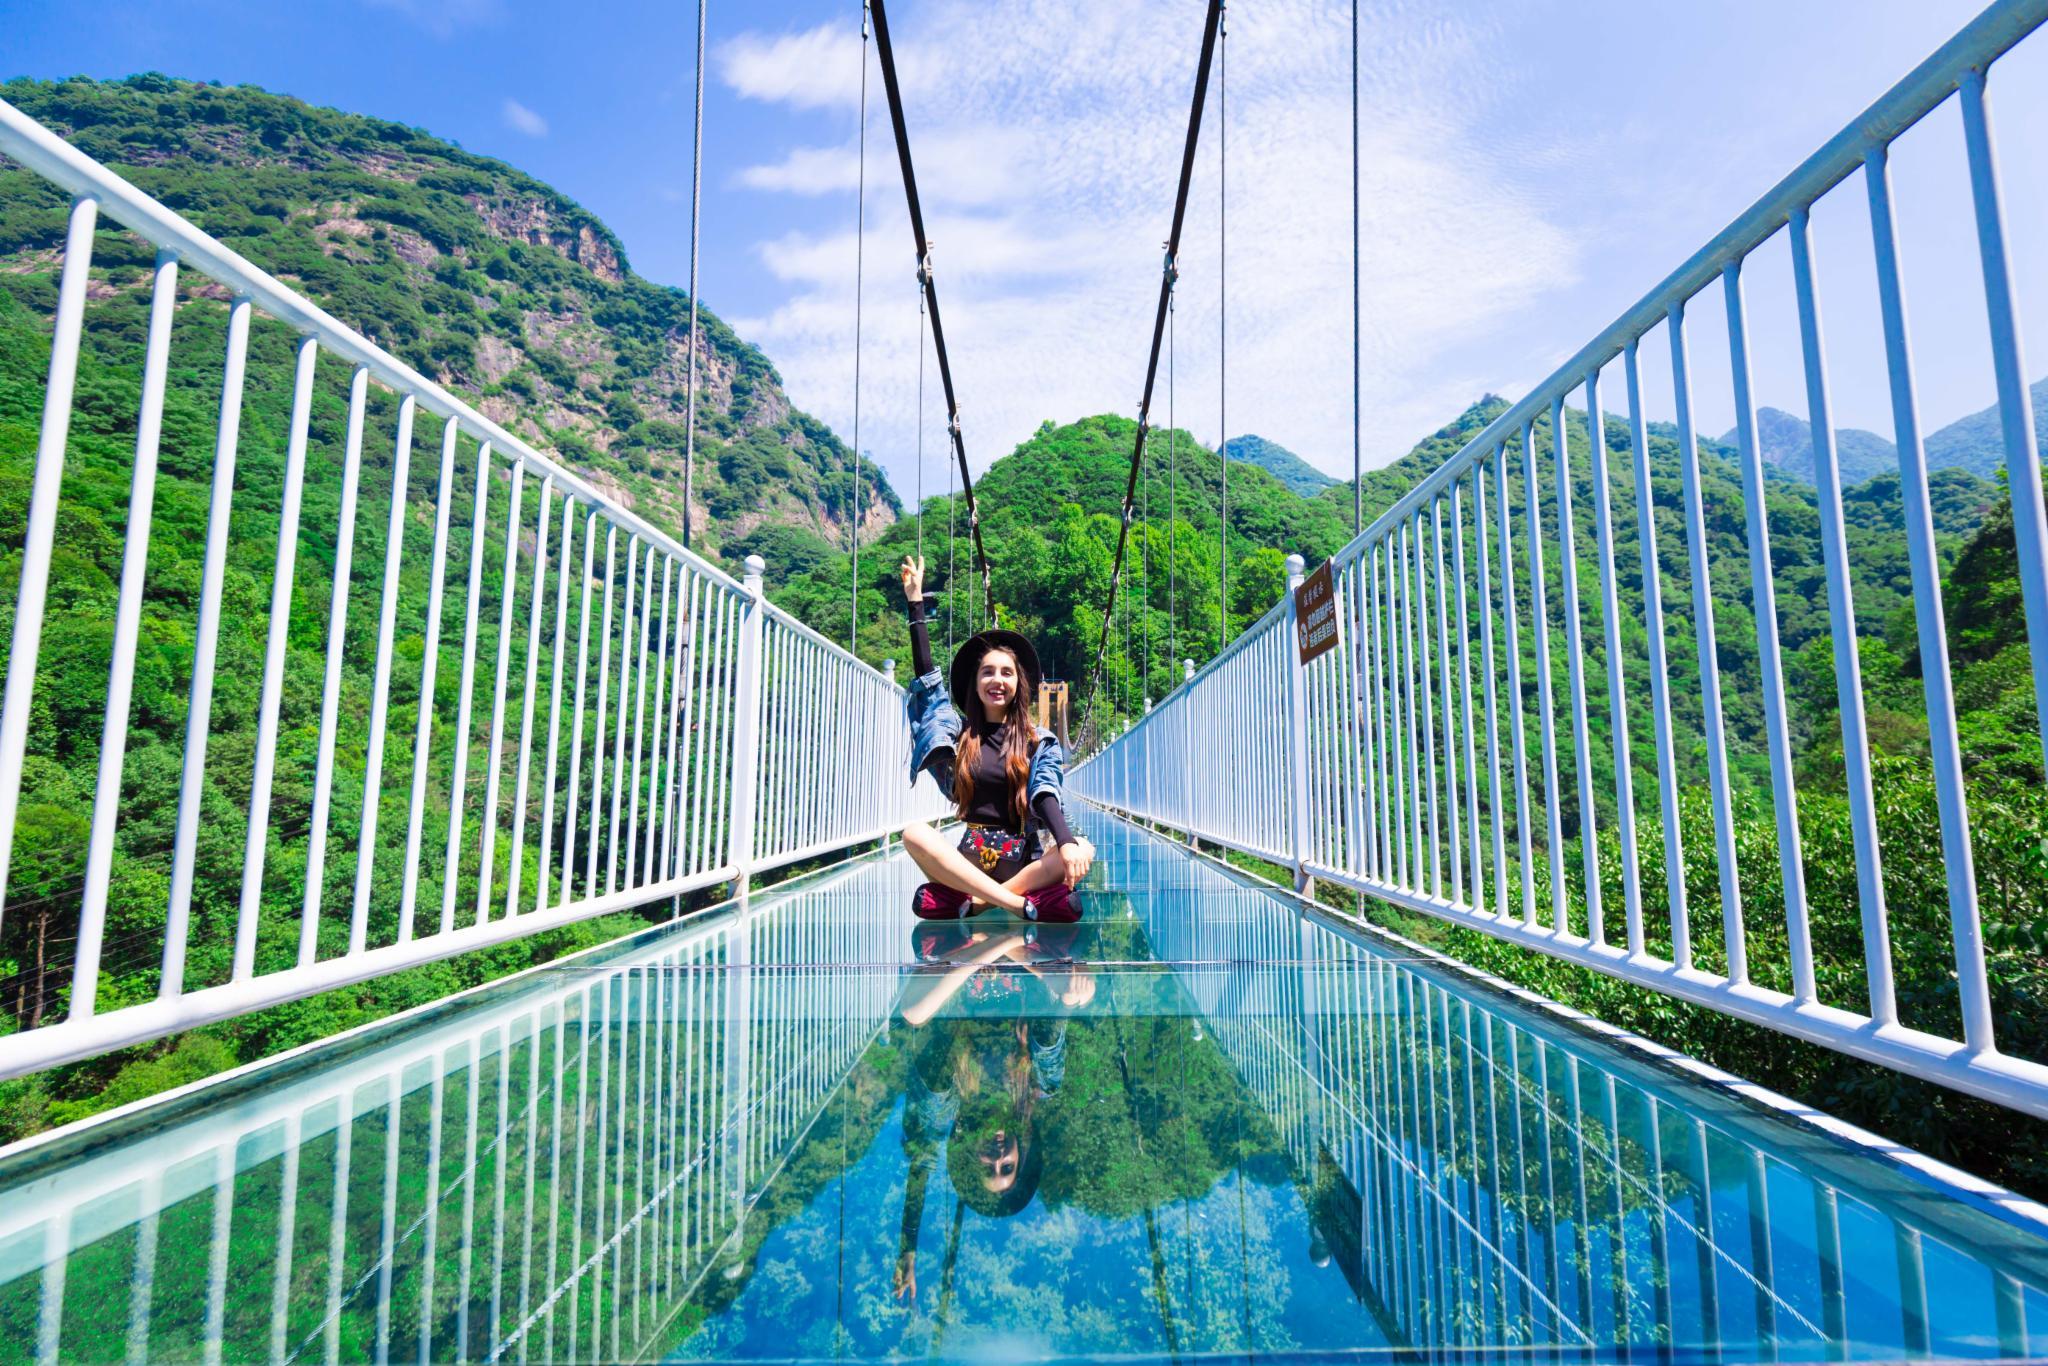 暑假旅行,盘点安徽石台不可错过的五大避暑胜地